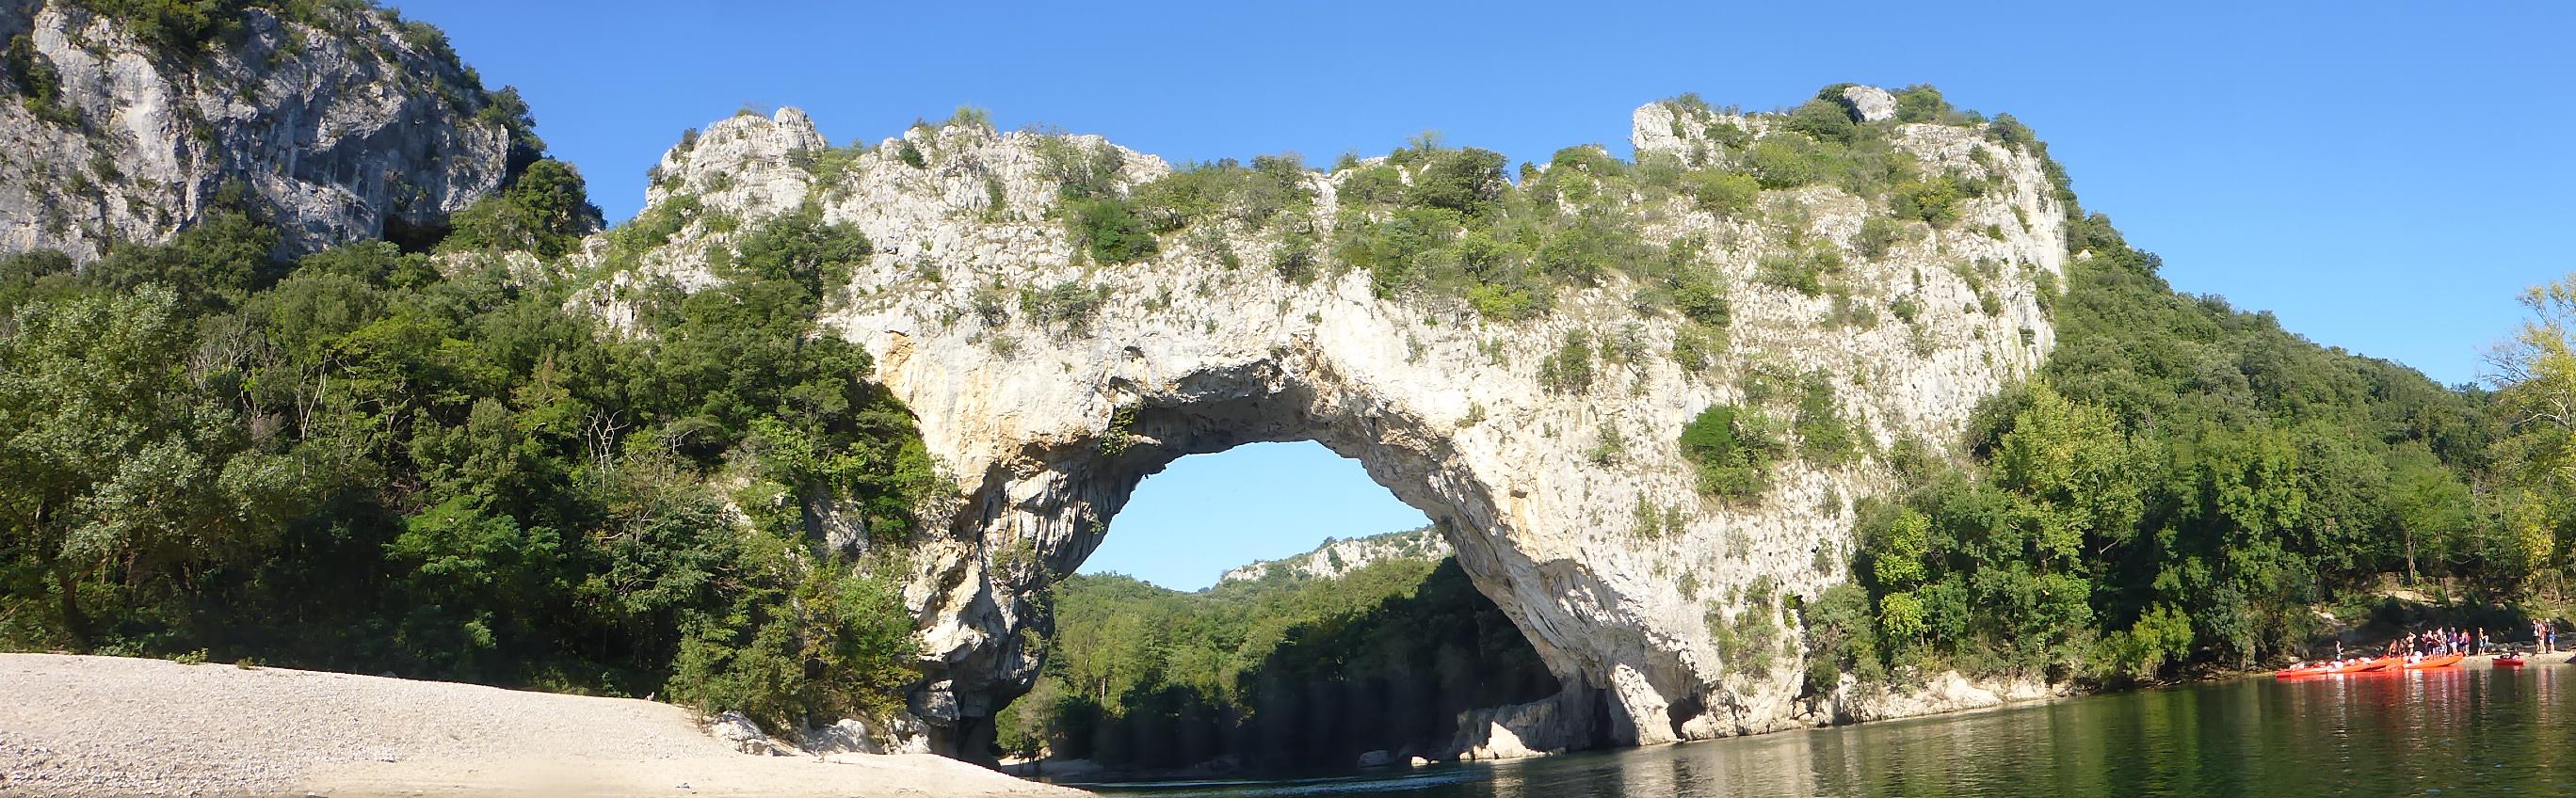 Mini-Descente de l'Ardèche en canoë encadrée